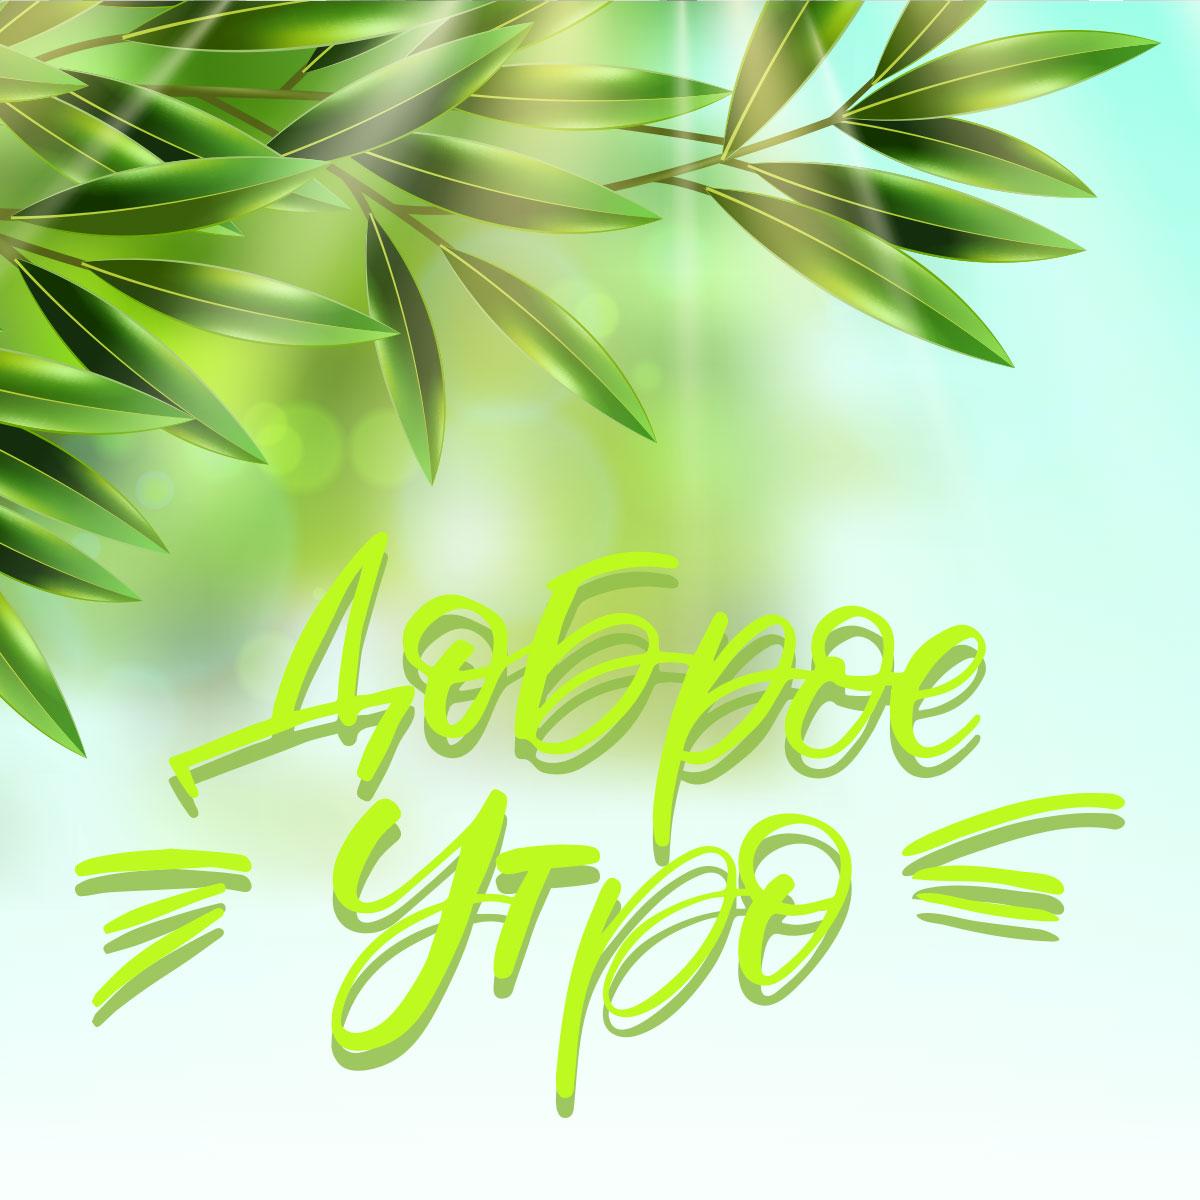 Весенняя картинка с каллиграфическим текстом доброе утро и зелёные листья.